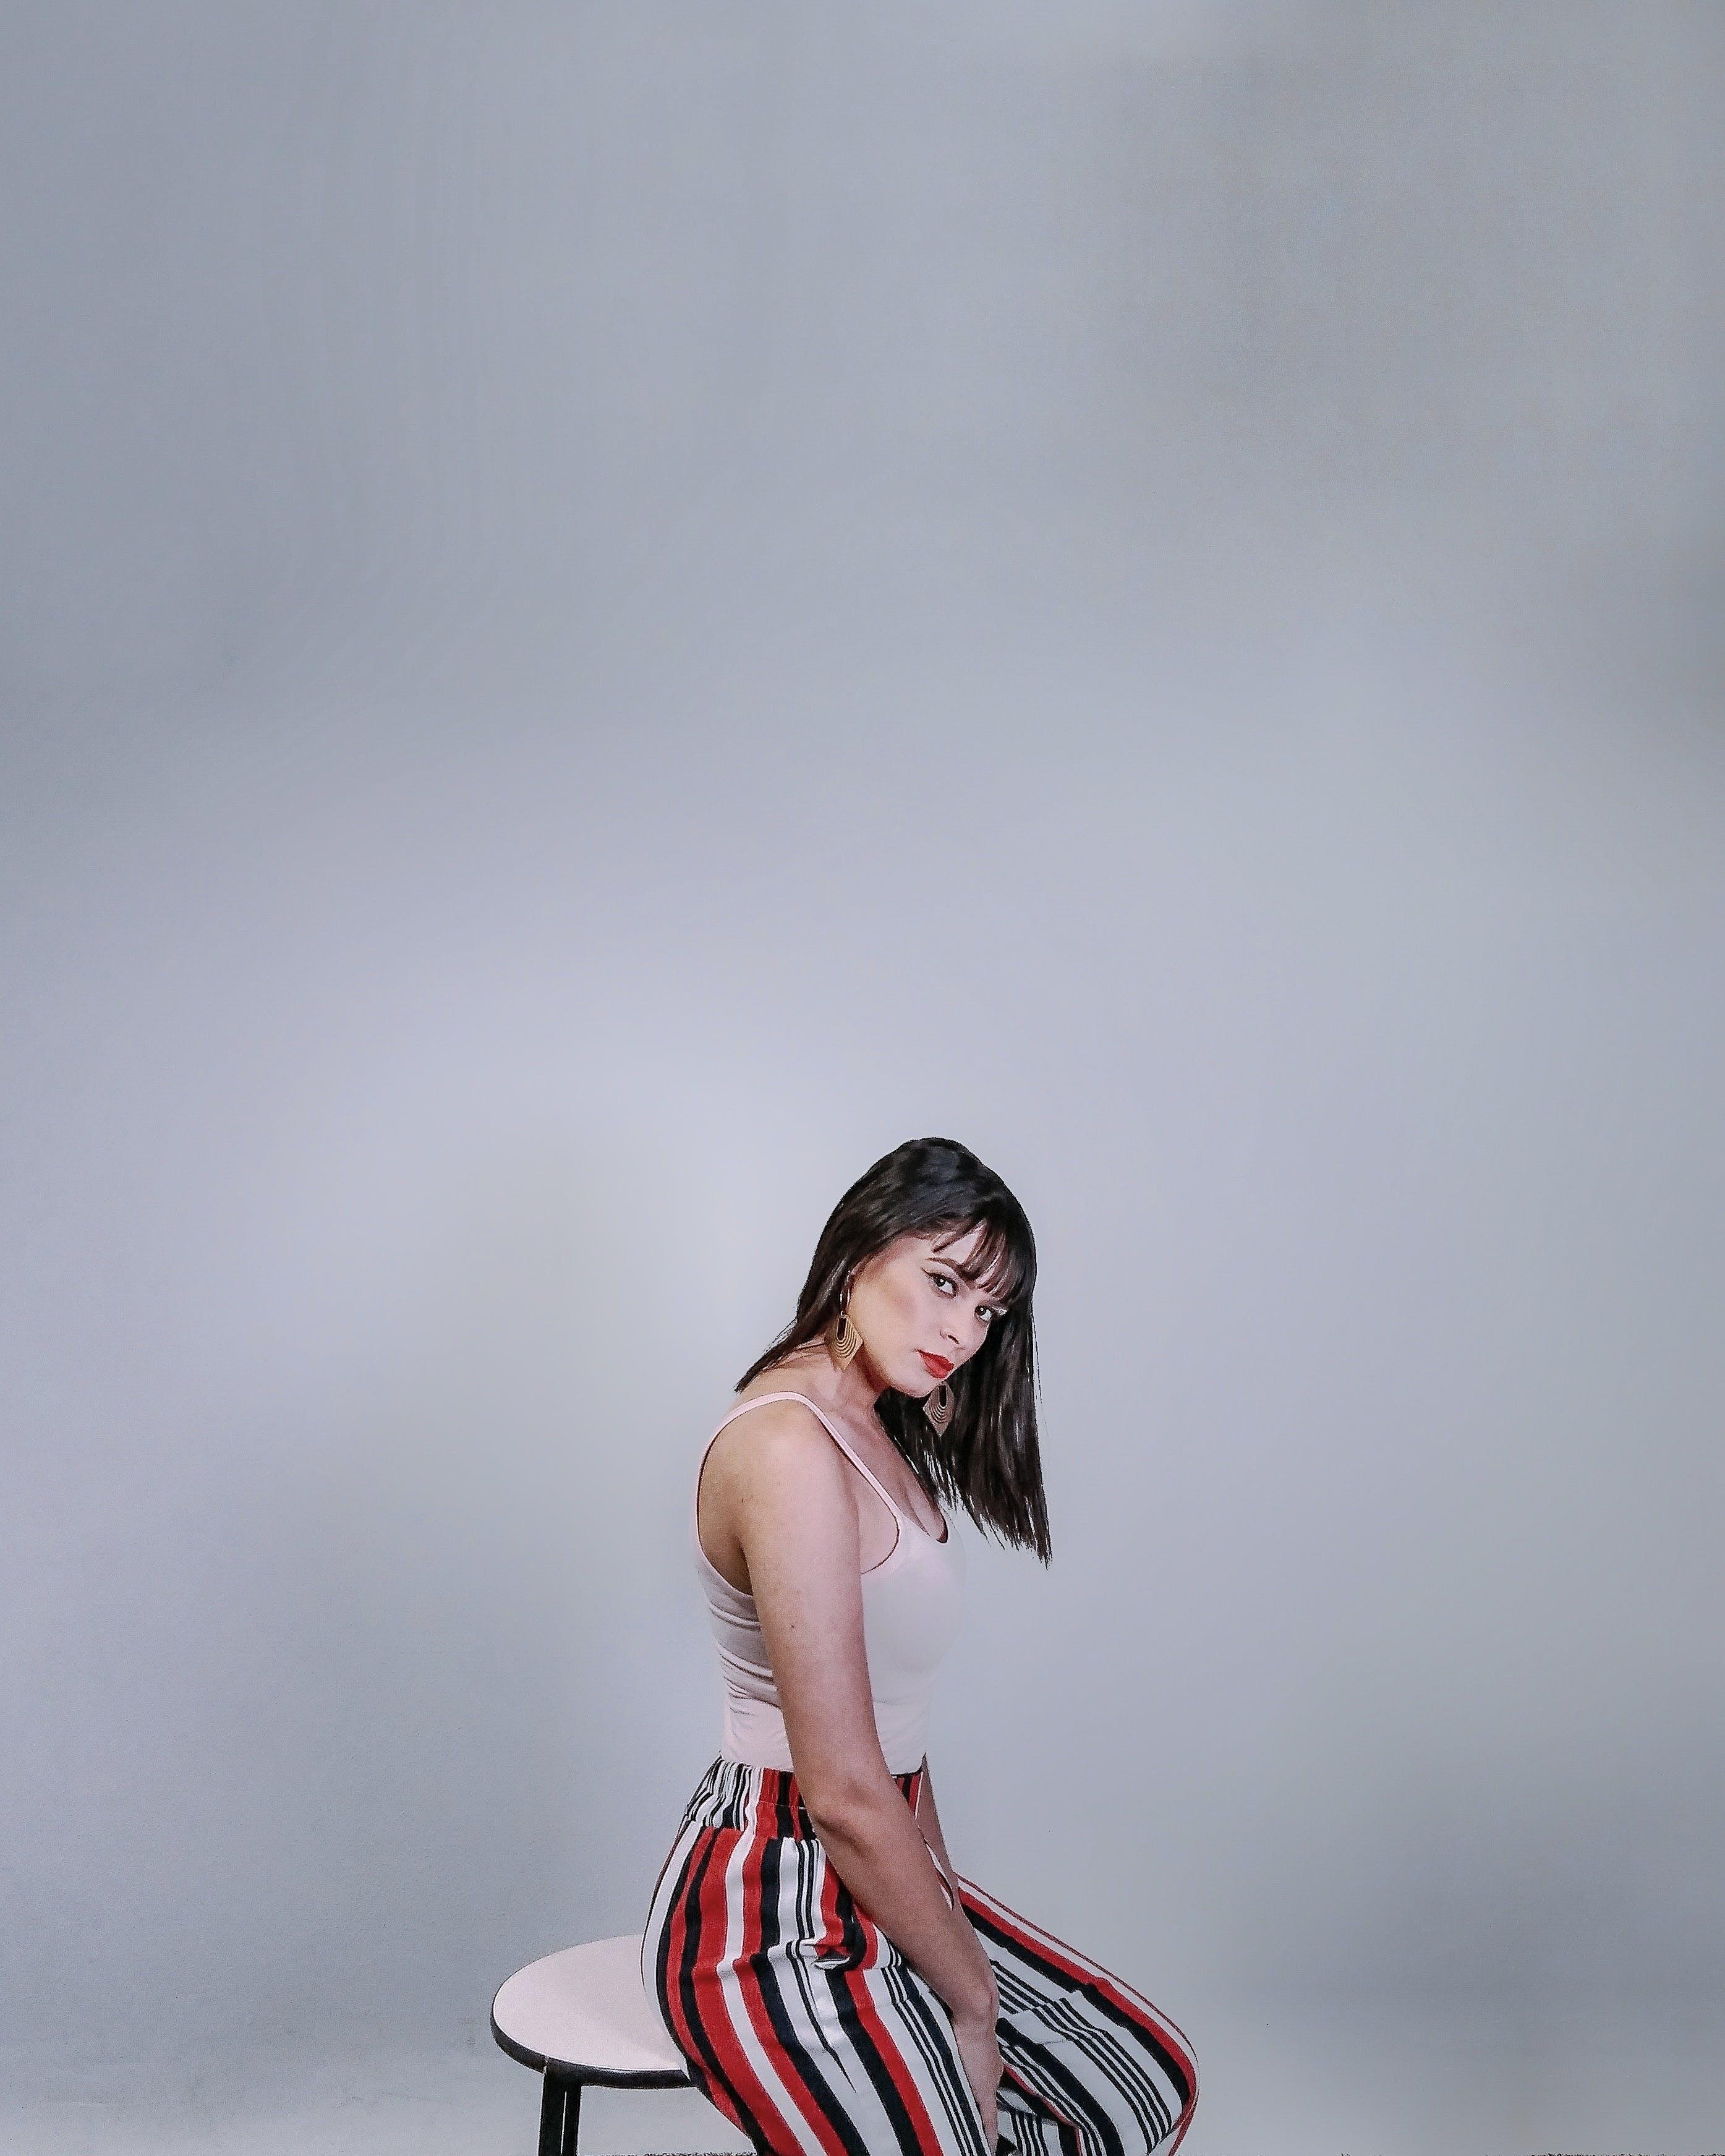 優雅, 女人, 女性, 擺姿勢 的 免费素材照片